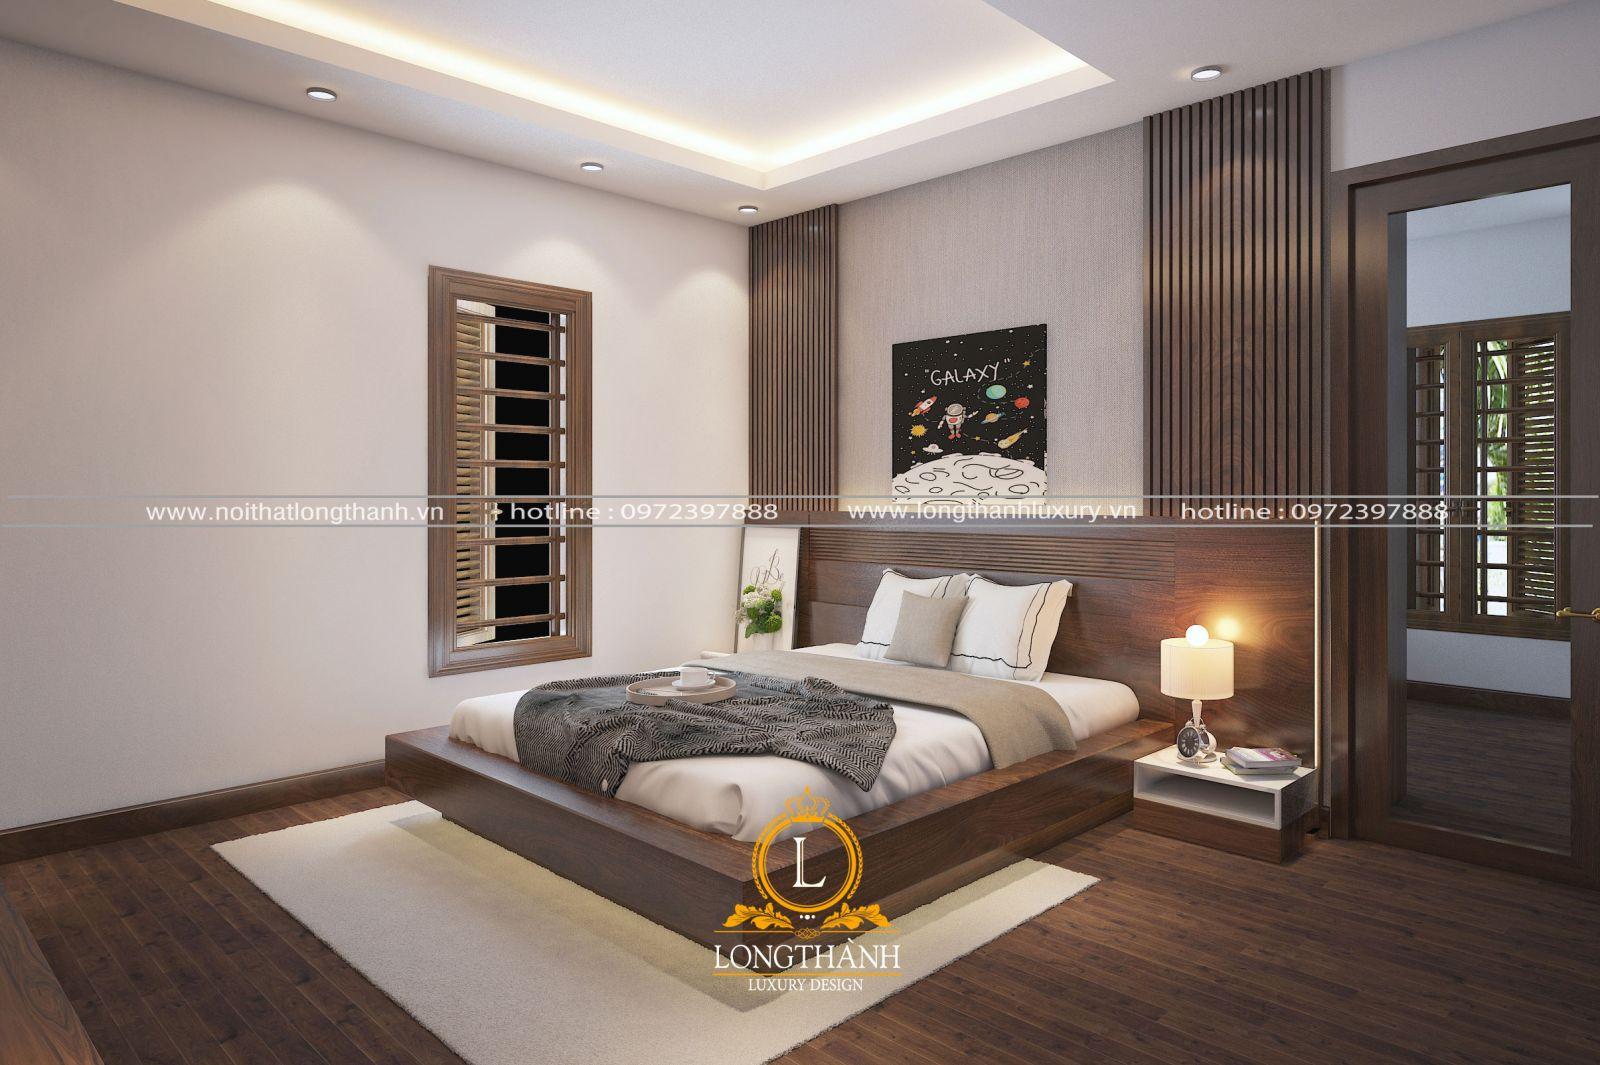 Mẫu thiết kế phòng ngủ Master theo phong cách hiện đại đẹp mê ly